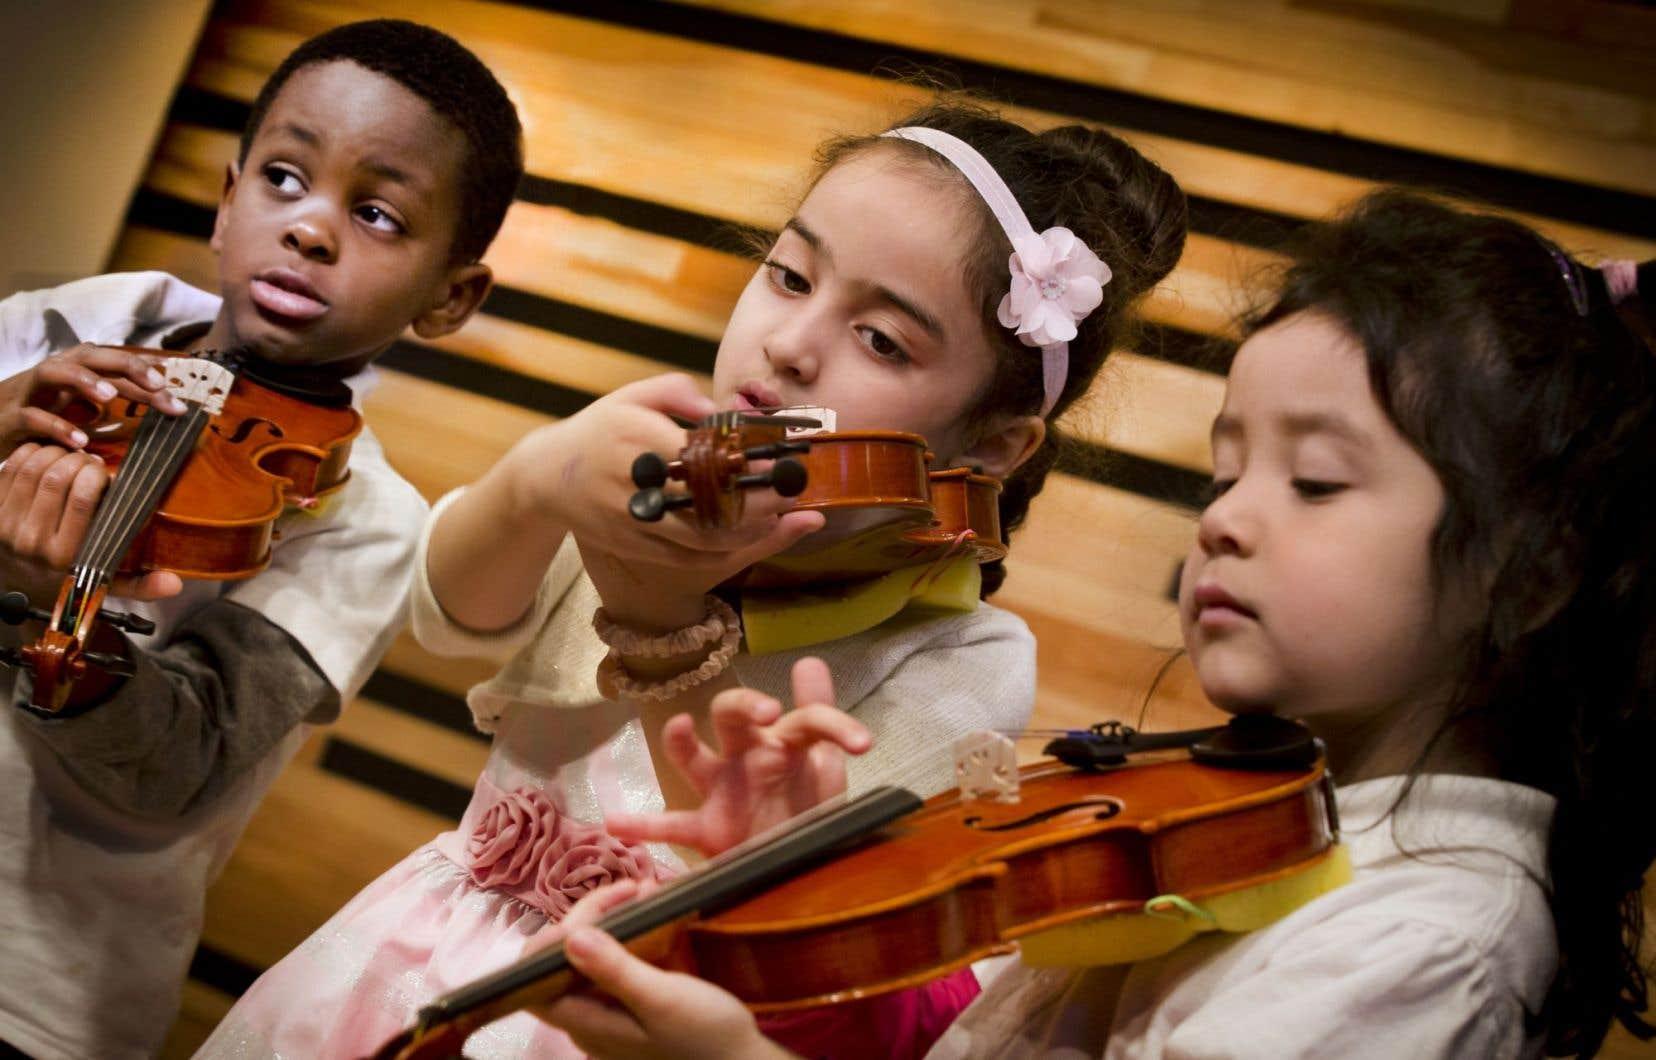 Les enfants apprendront le chant rythmique, le violon et le piano, en plus d'être jumelés à un musicien de l'OSM qui sera leur mentor.